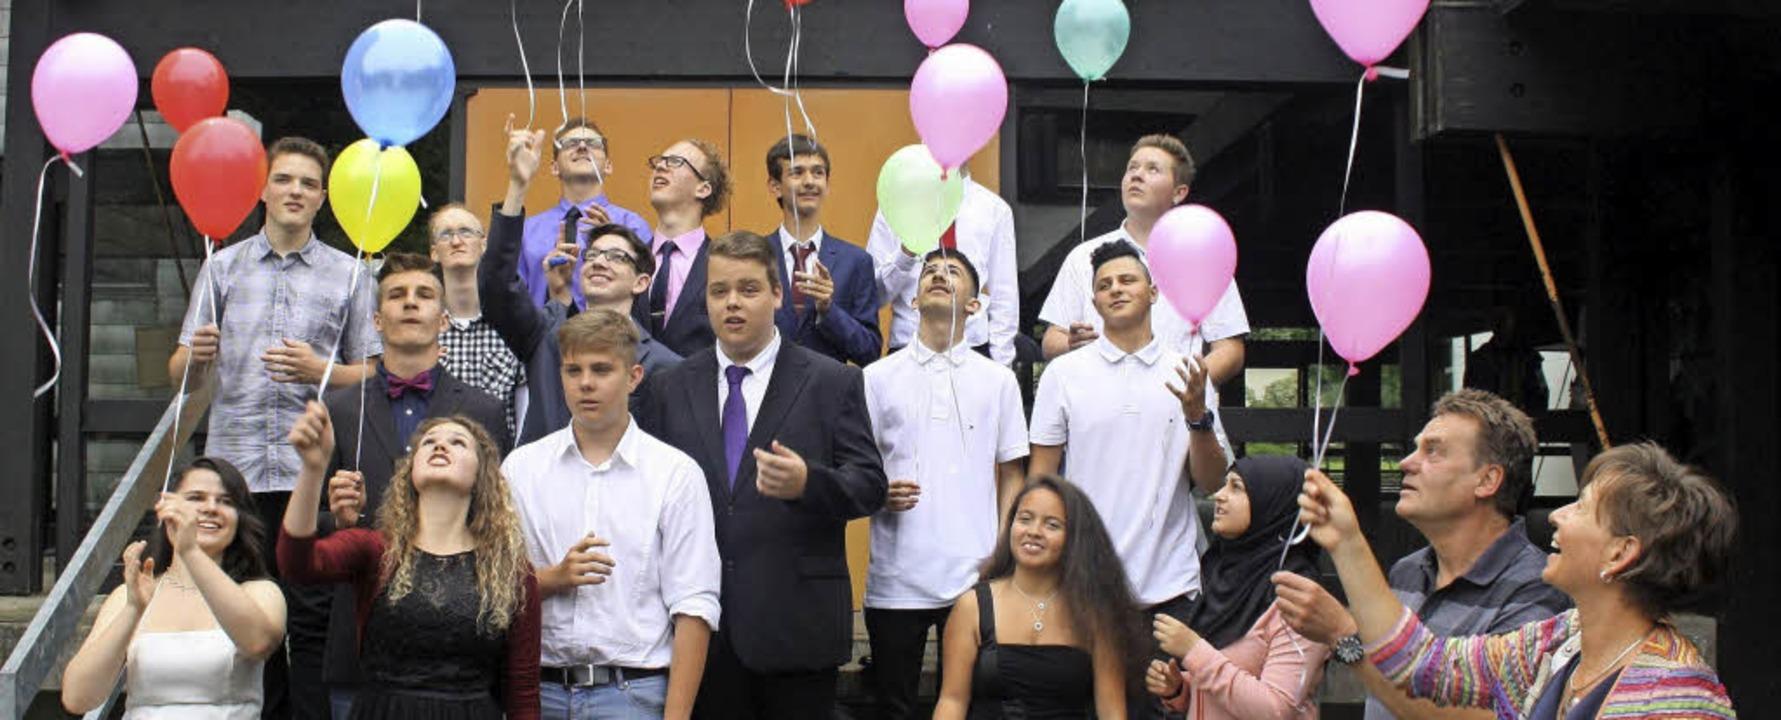 Entlassfeier Haupt- und Realschule BBZ...die Abschlussschülerinnen und -schüler    Foto: BBZ Stegen